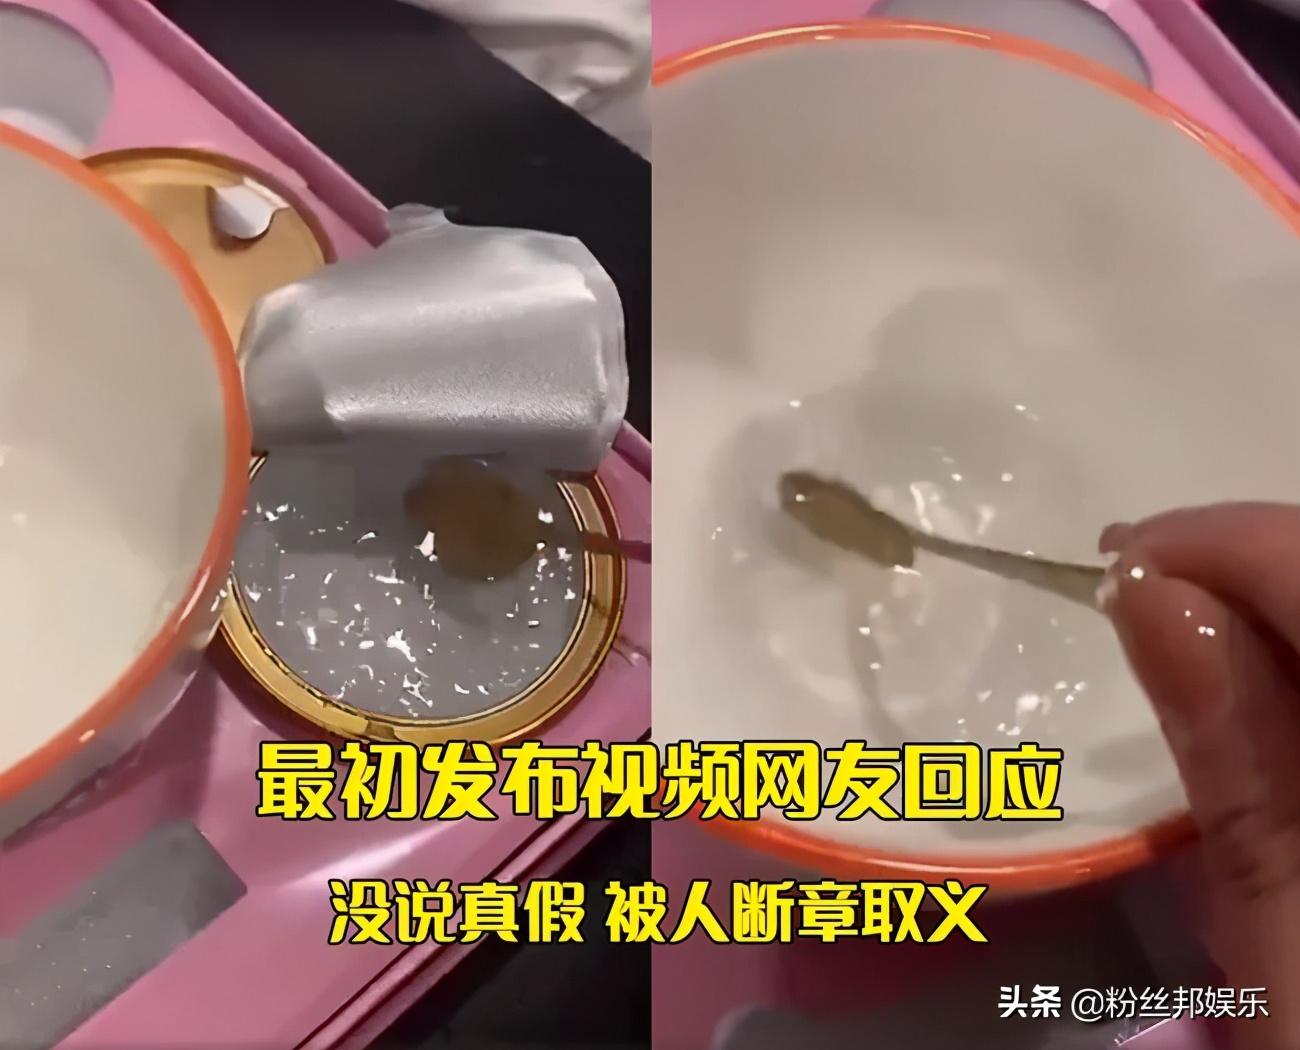 网红辛巴回应燕窝像糖水到底什么情况,直播卖货质量问题?